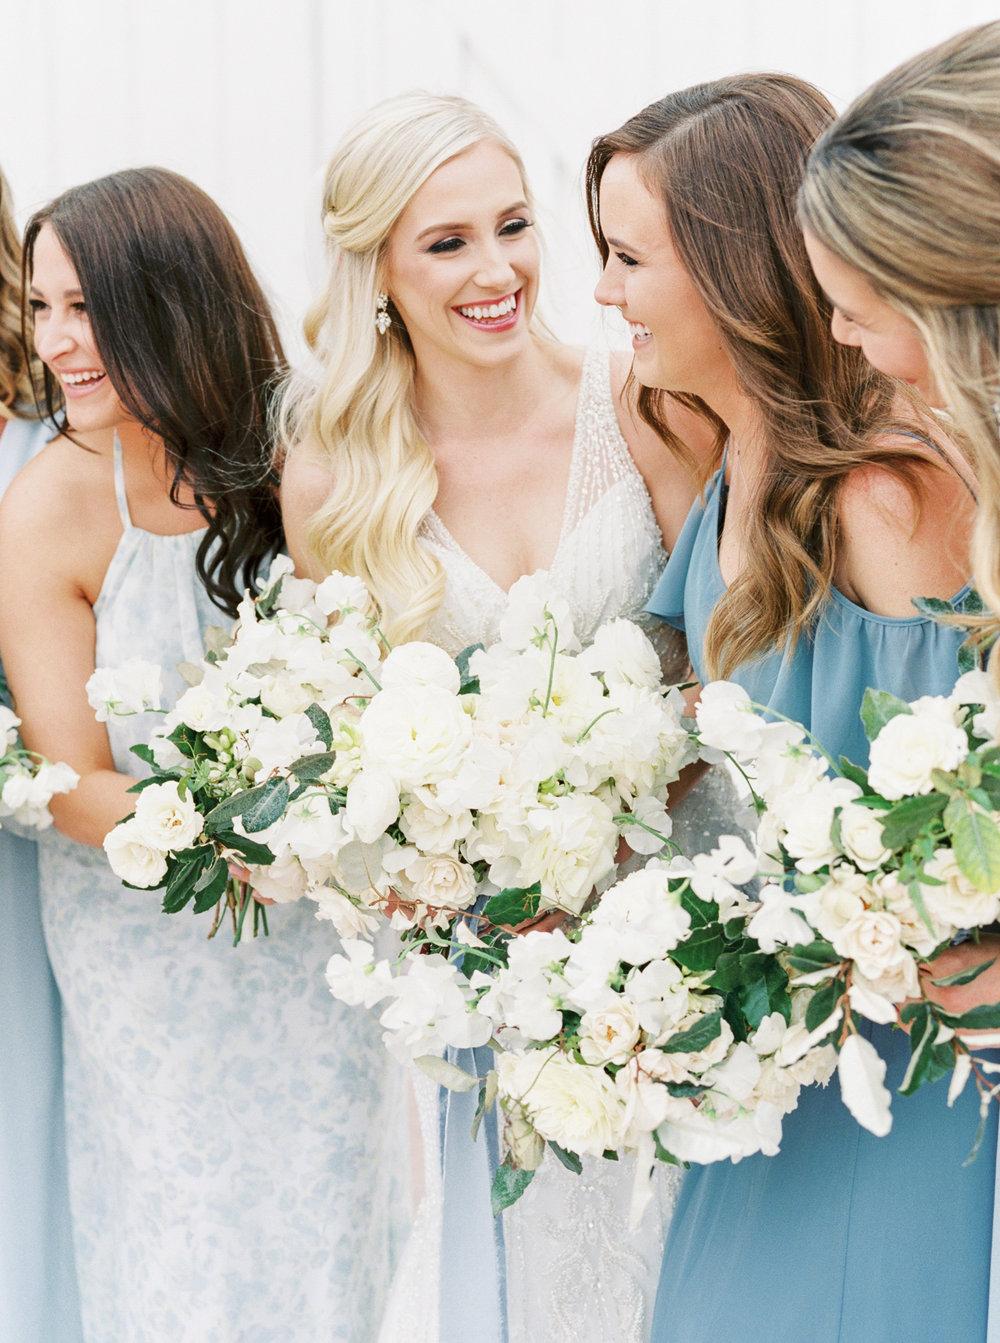 Chloe+Austin Wedding_456 copy.JPG